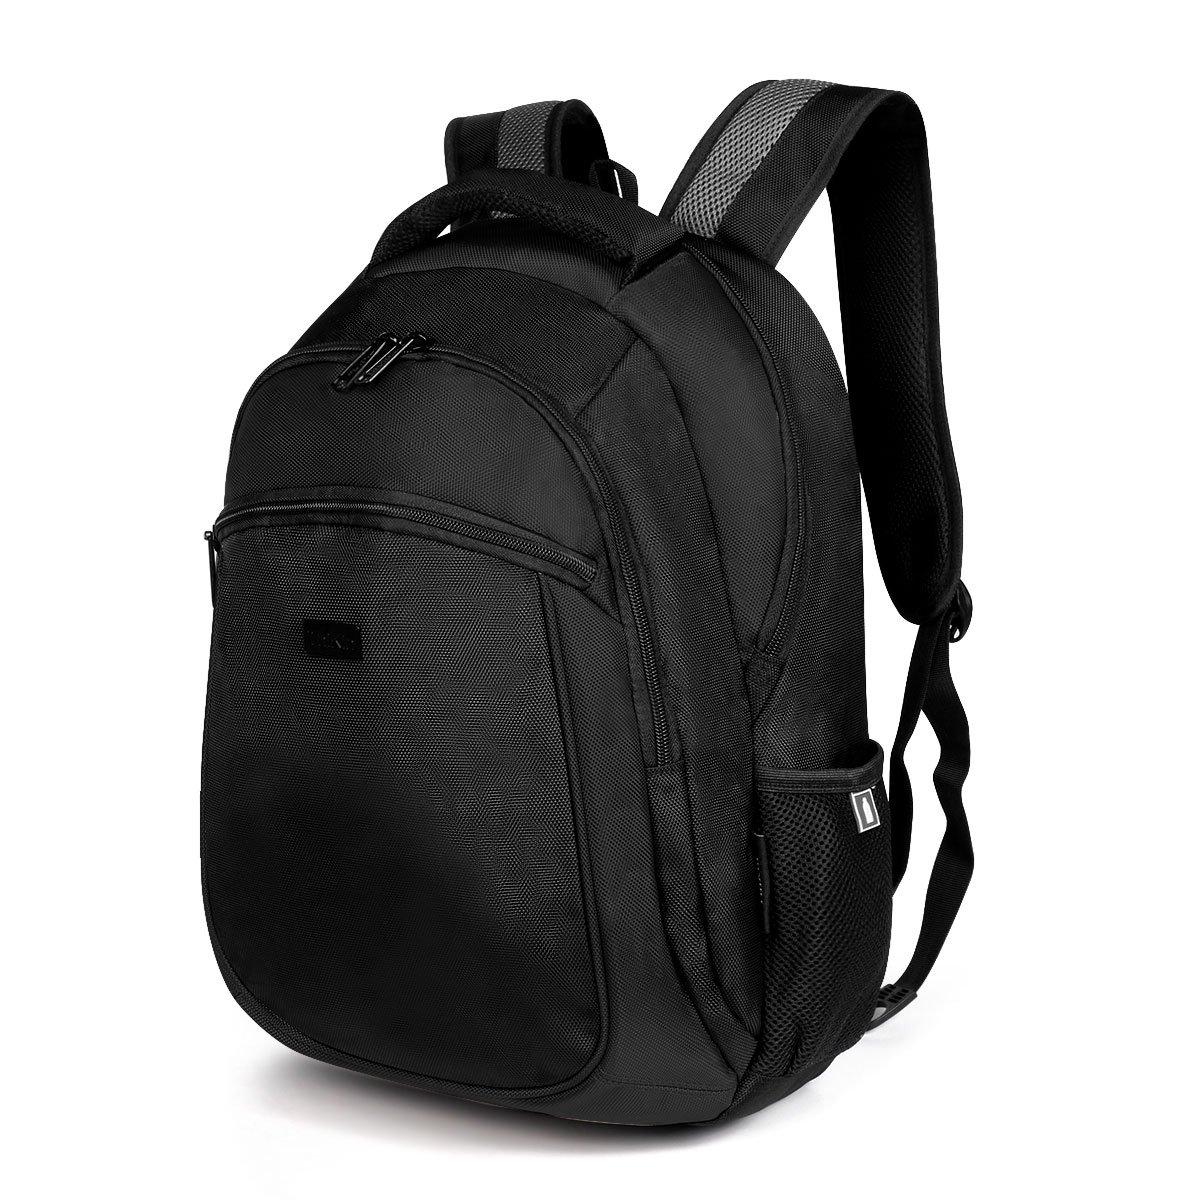 ThiKin Black Shockproof Laptop Backpack Travel Knapsack Student School Backpack